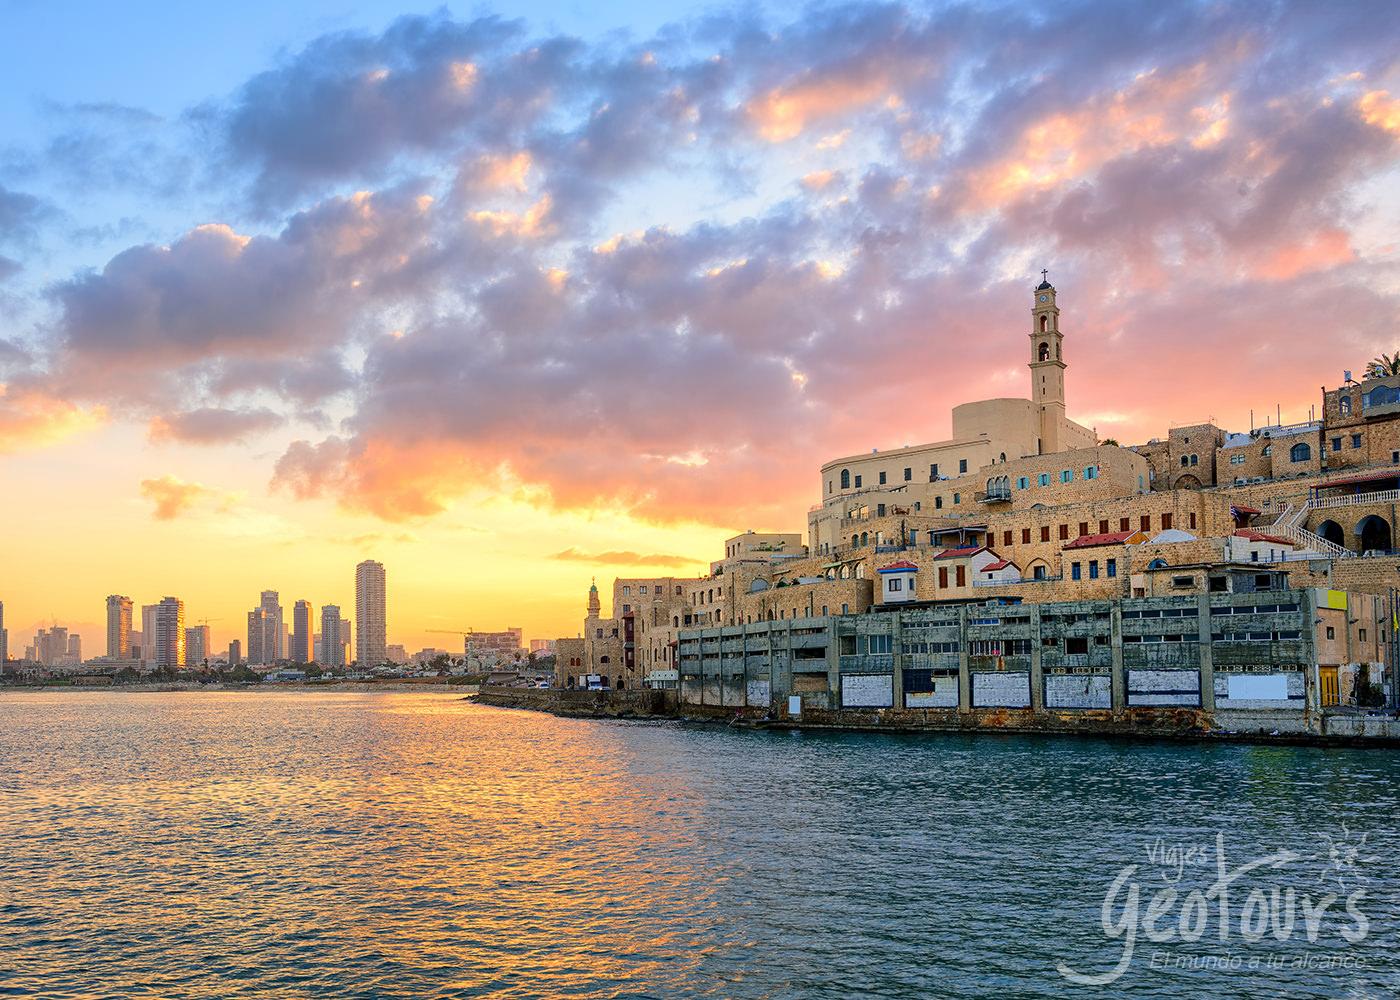 Viajes a Egipto, Jerusalén y Petra 11 días